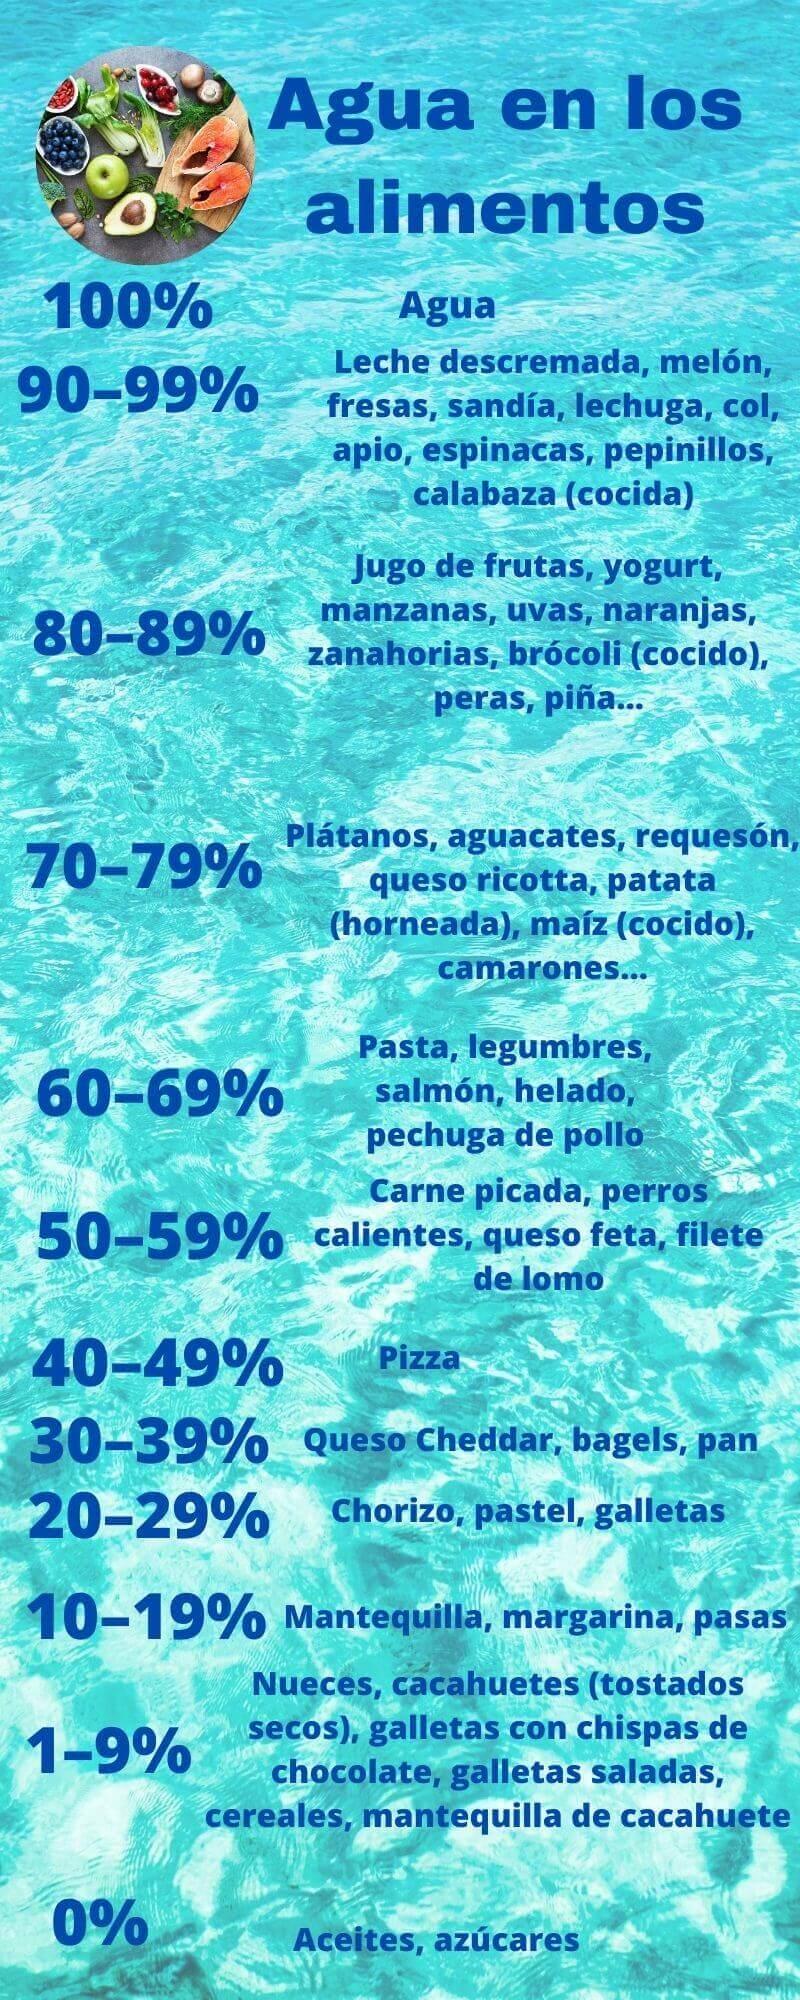 Infografía del contenido de agua en los alimentos más comunes